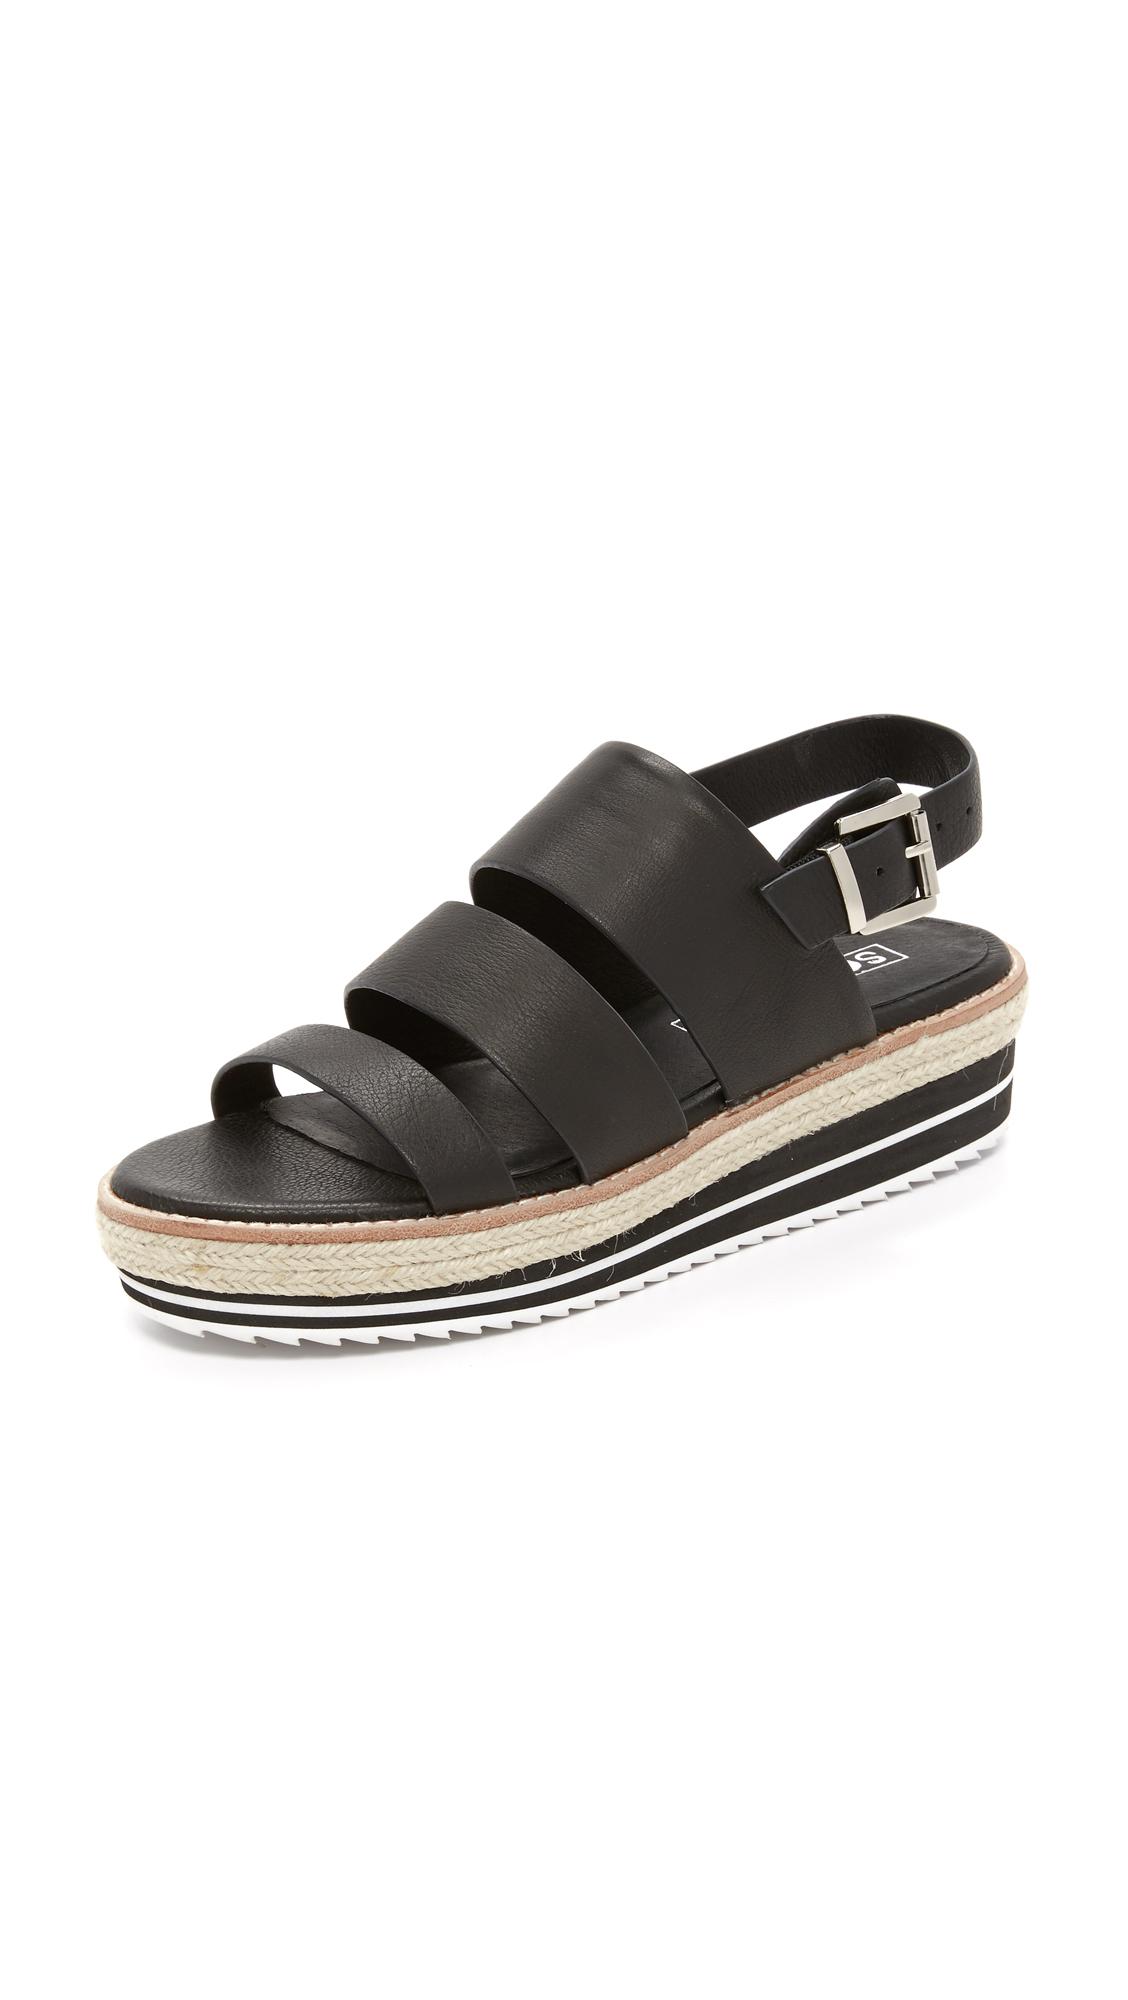 Converse AS SLIP 1v020 UNISEX Sneaker Tg. 30